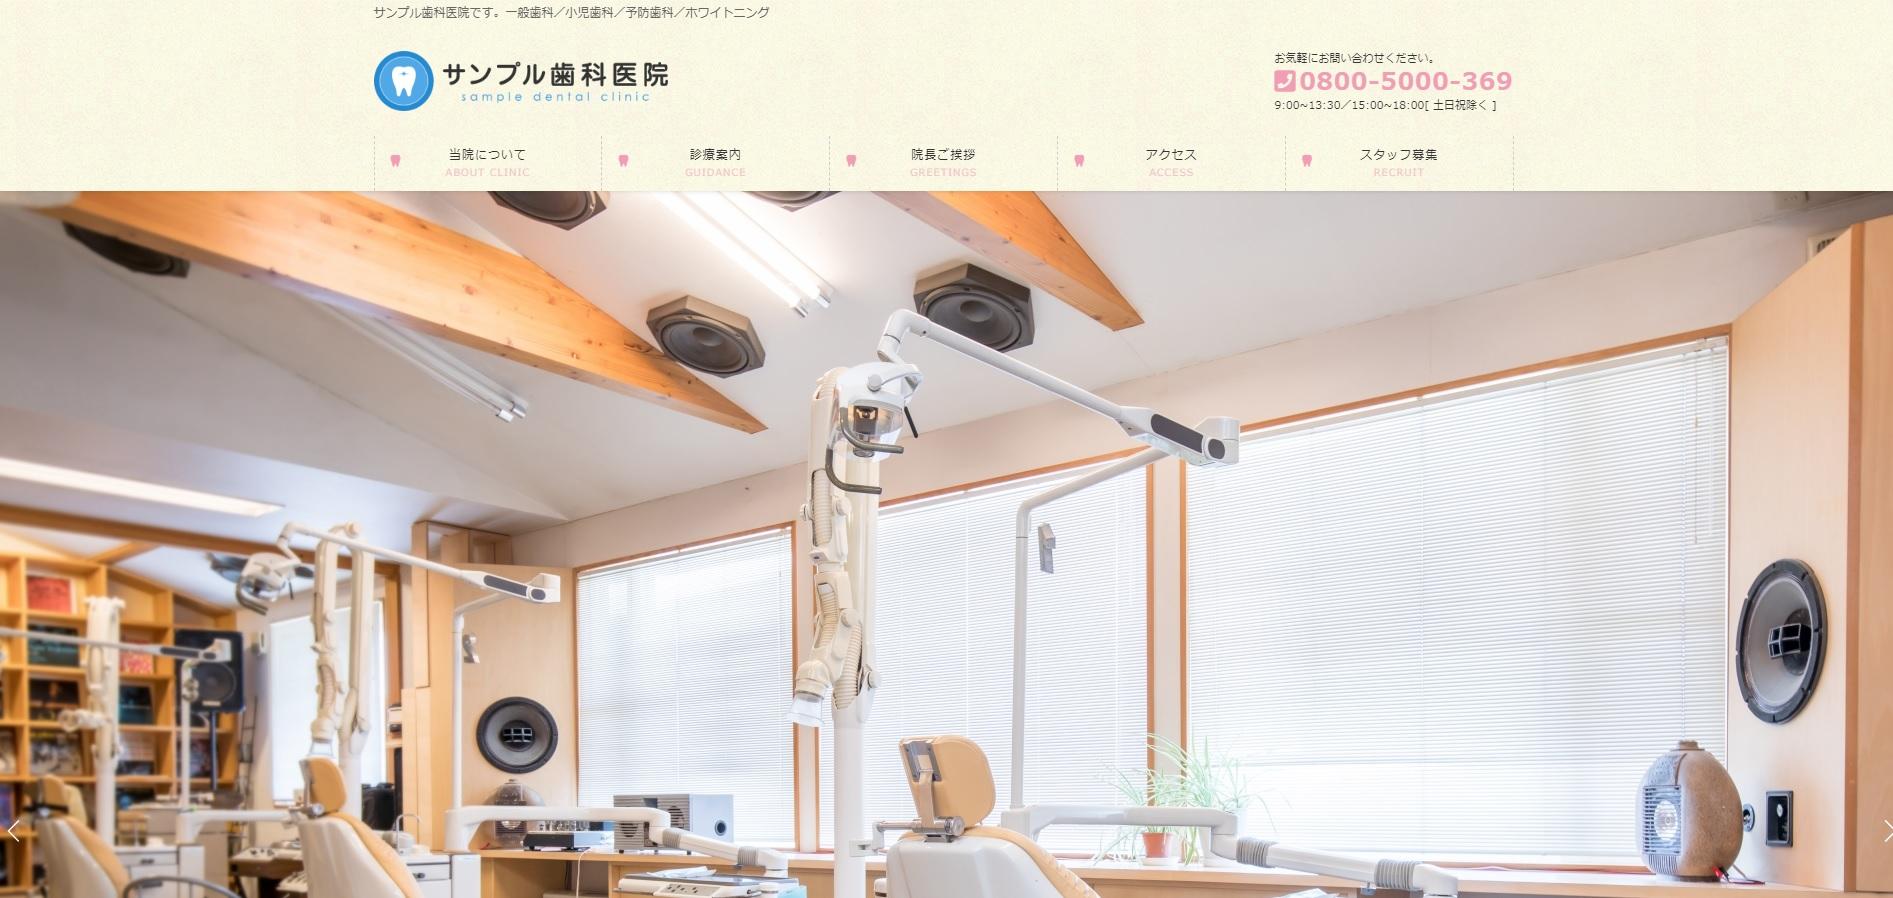 太田市 ホームページ制作